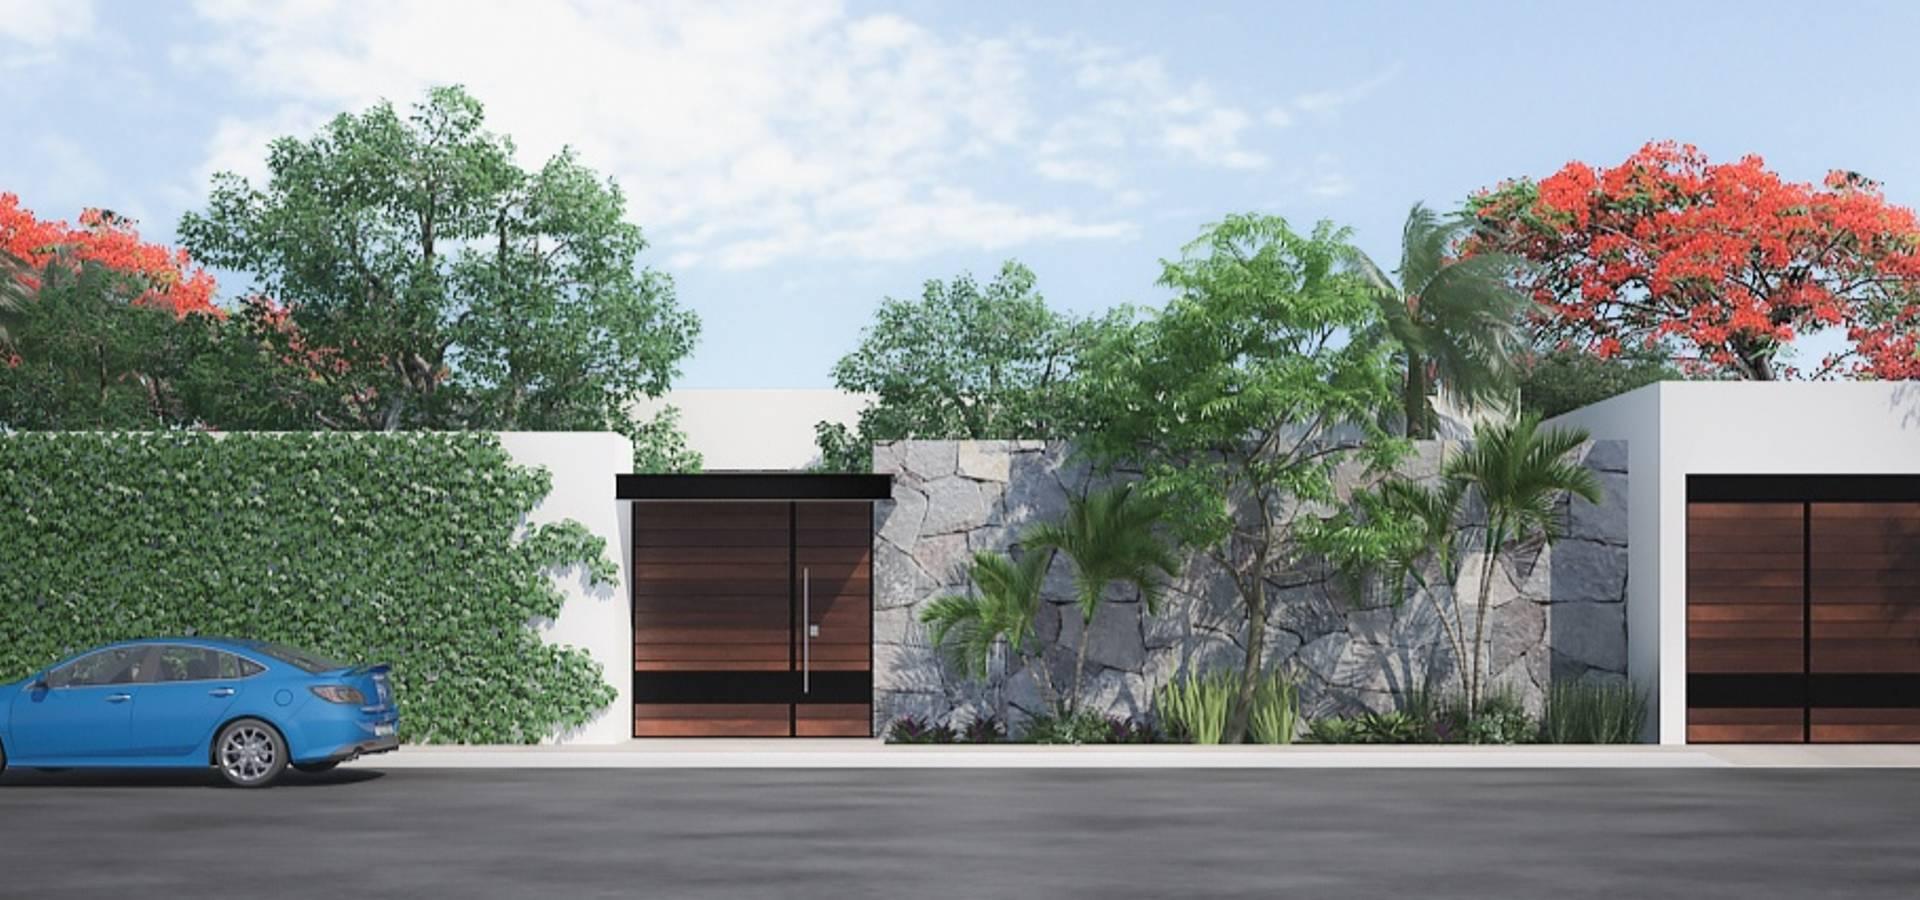 Studio ADM – Arquitectura y Diseño Mexicano